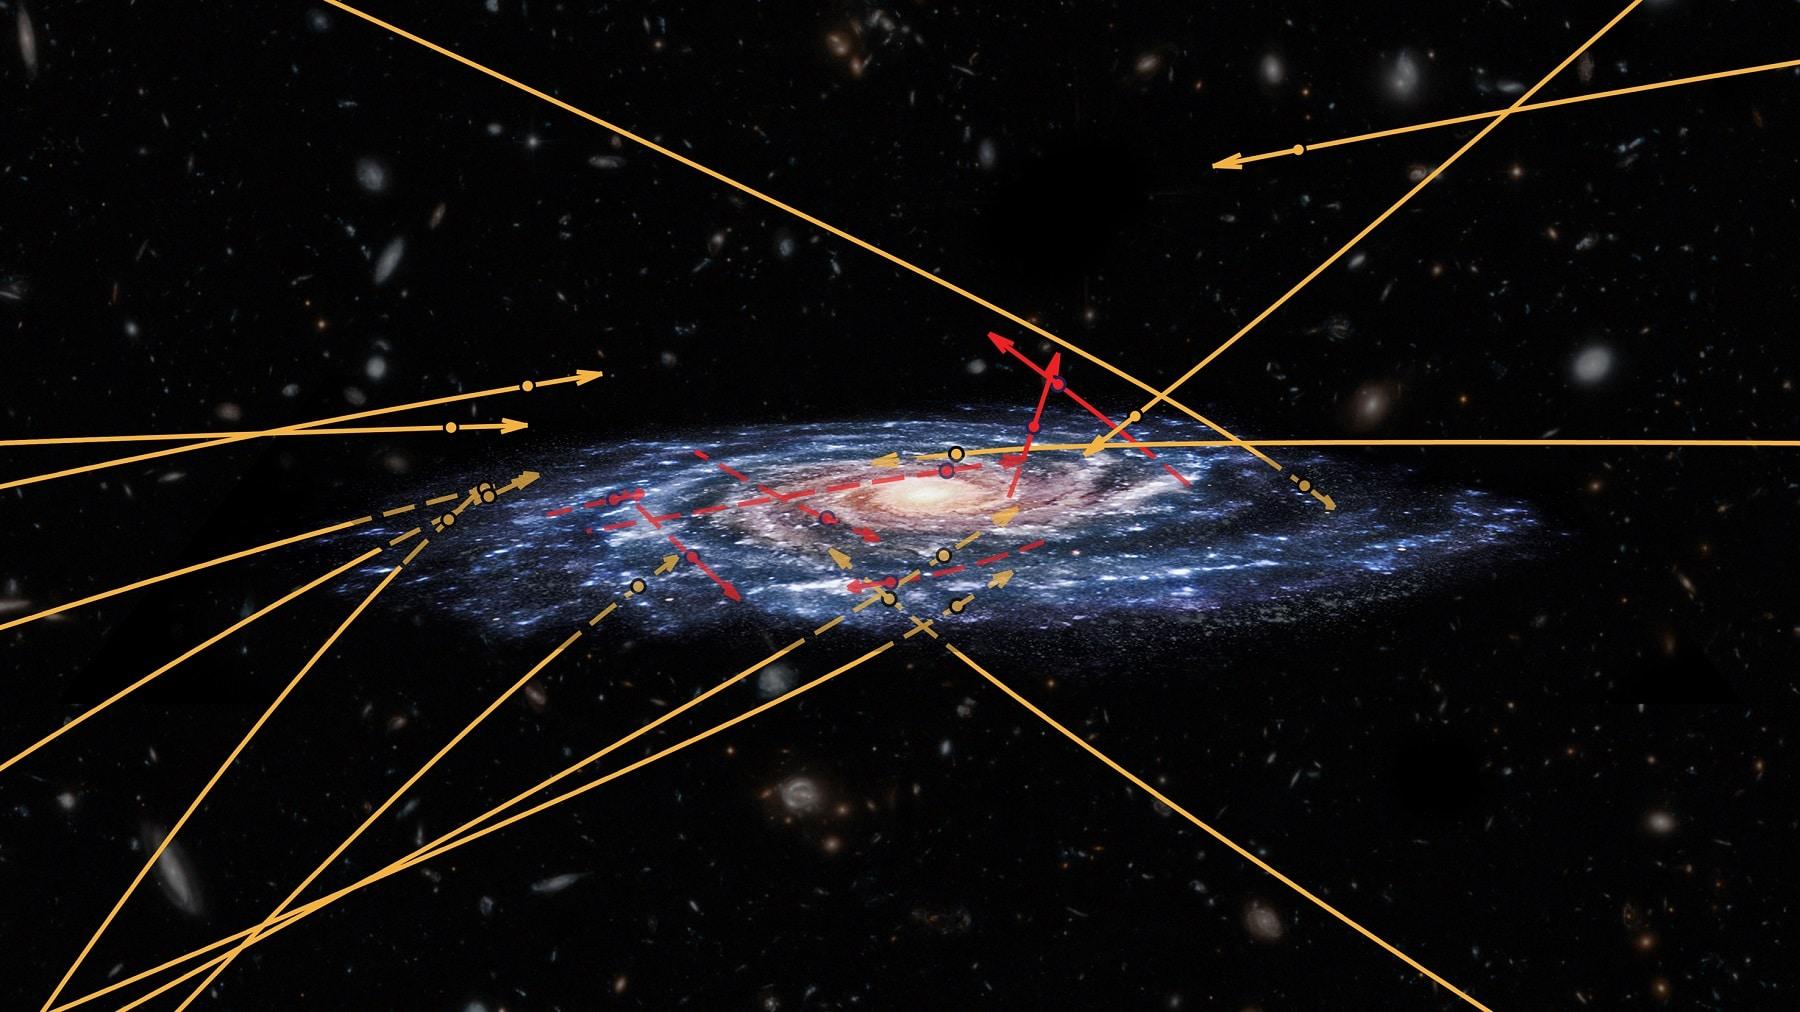 GAIA detecta estrellas viajando hacia la Vía Láctea